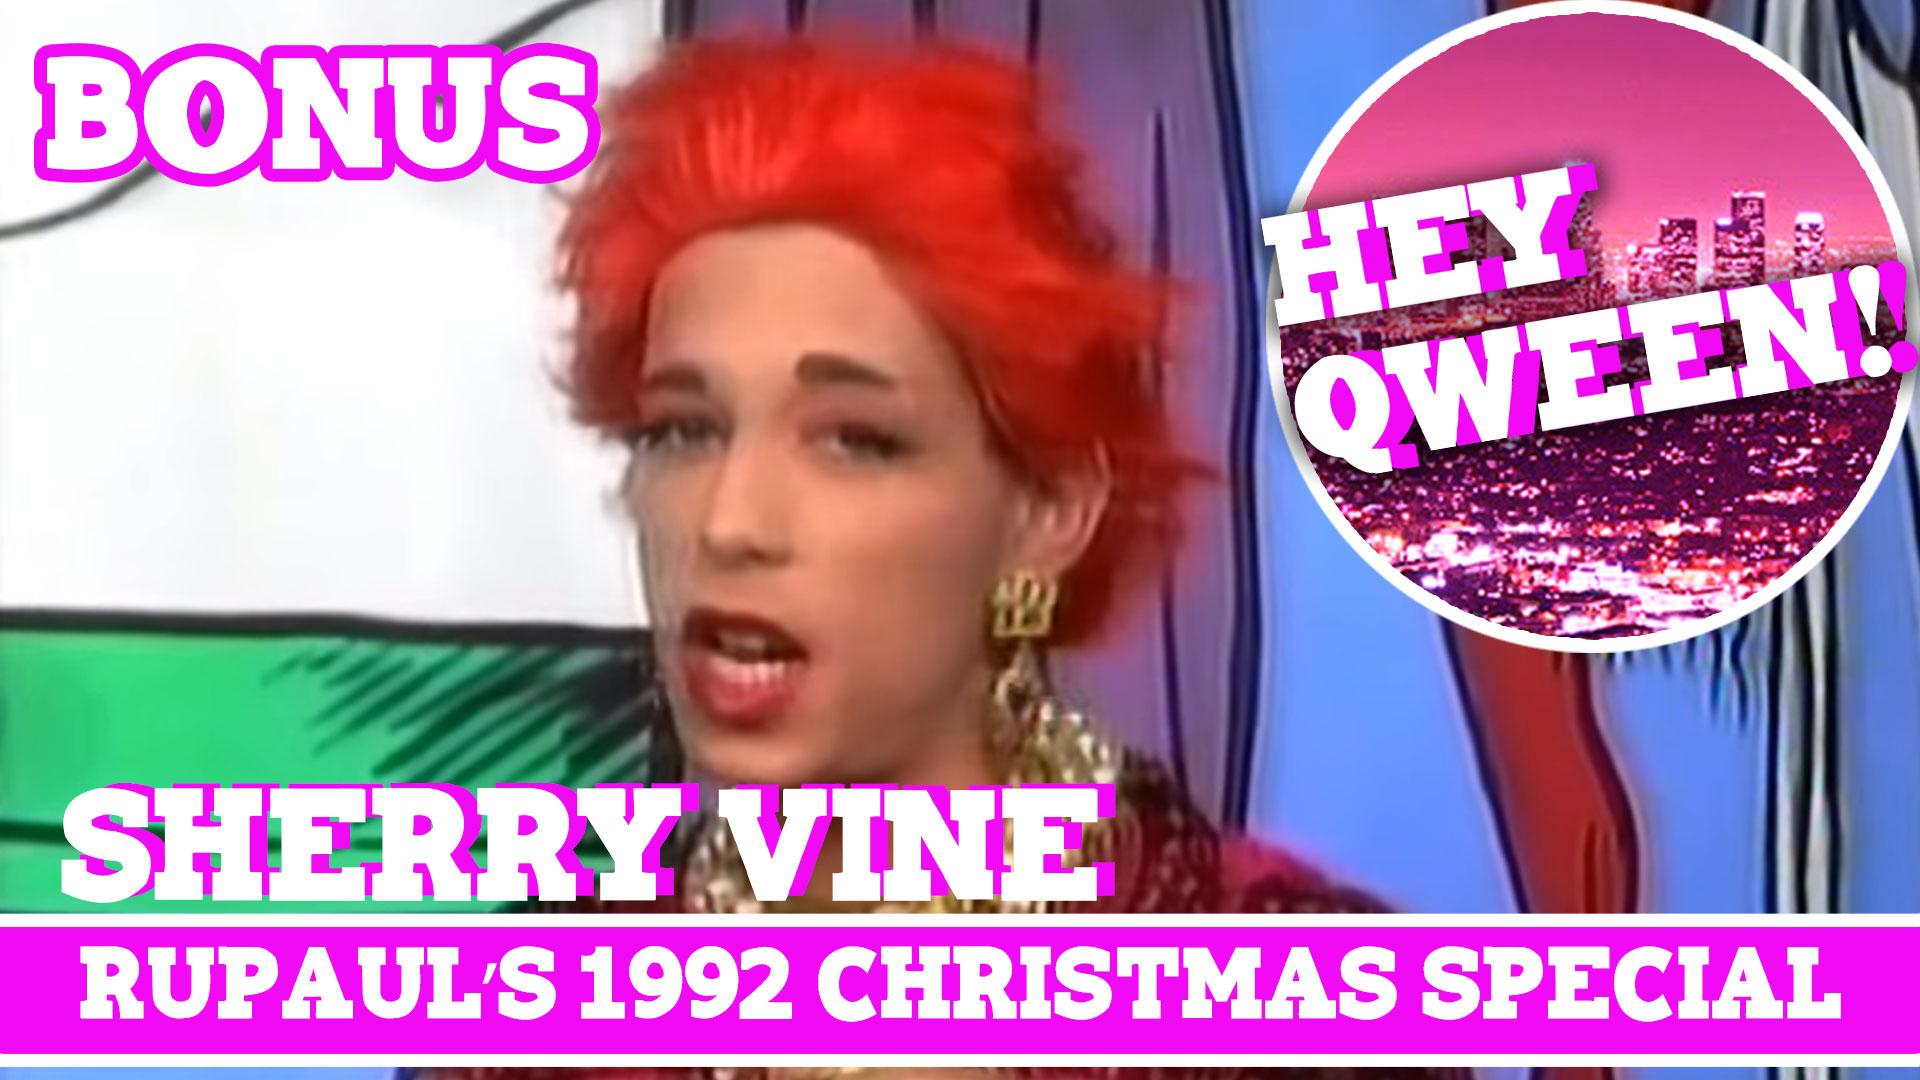 Hey Qween! BONUS: Sherry Vine In RuPaul's 1992 Christmas Special